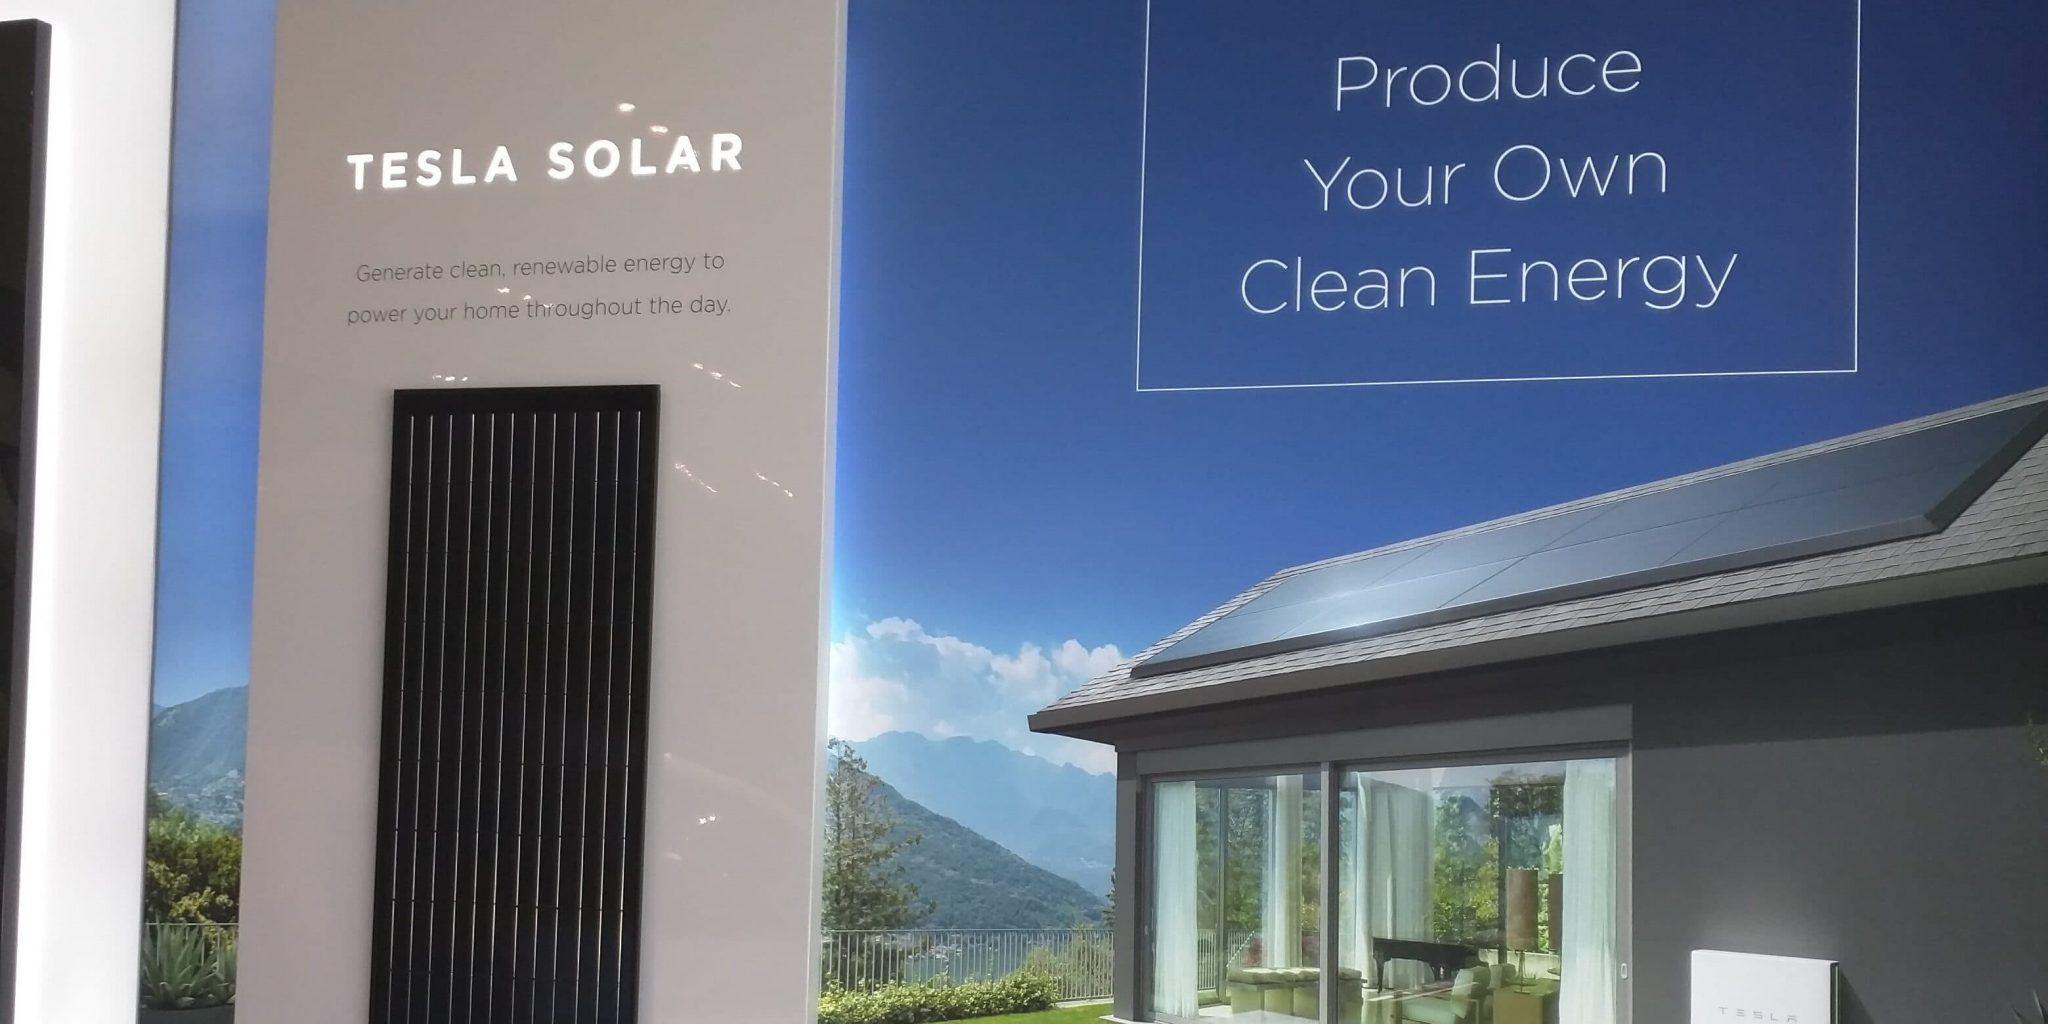 نظم الطاقة الشمسية من تيسلا